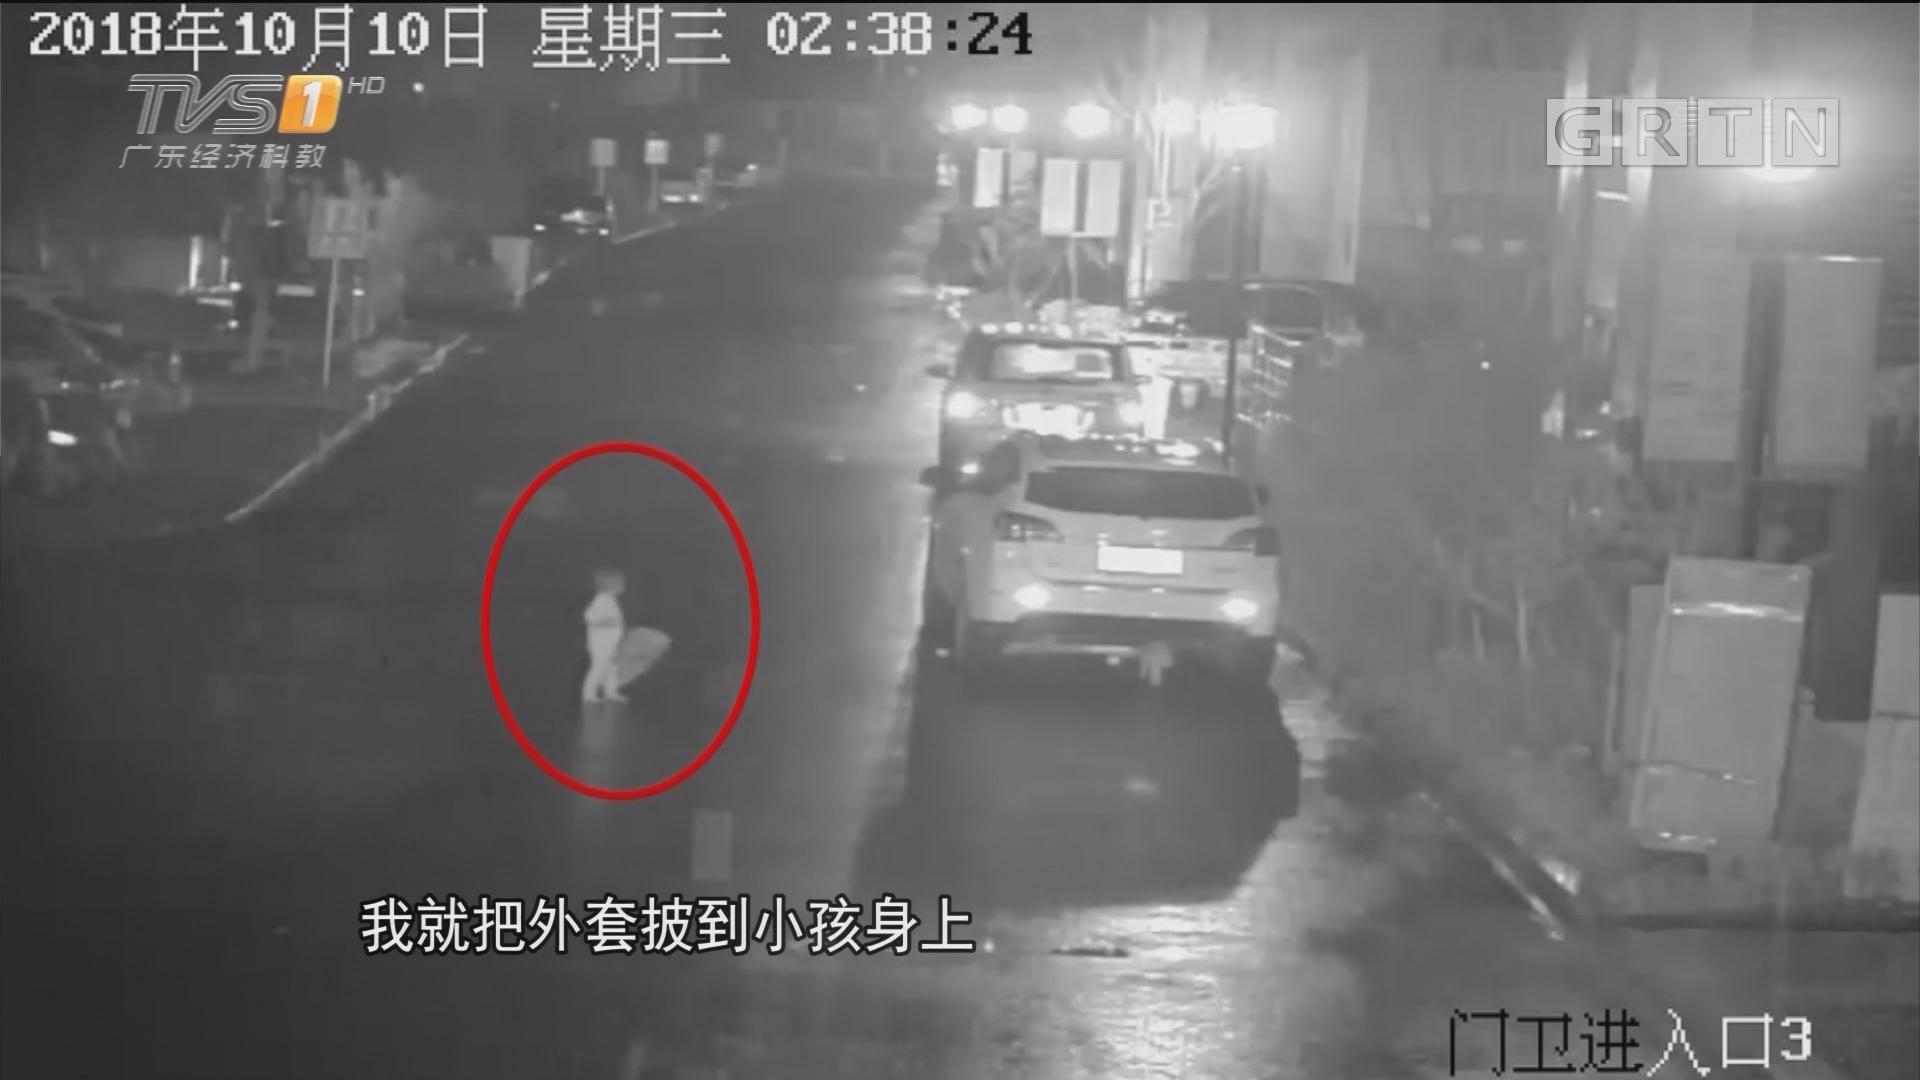 杭州:幼童凌晨光脚流落街头 热心司机报警